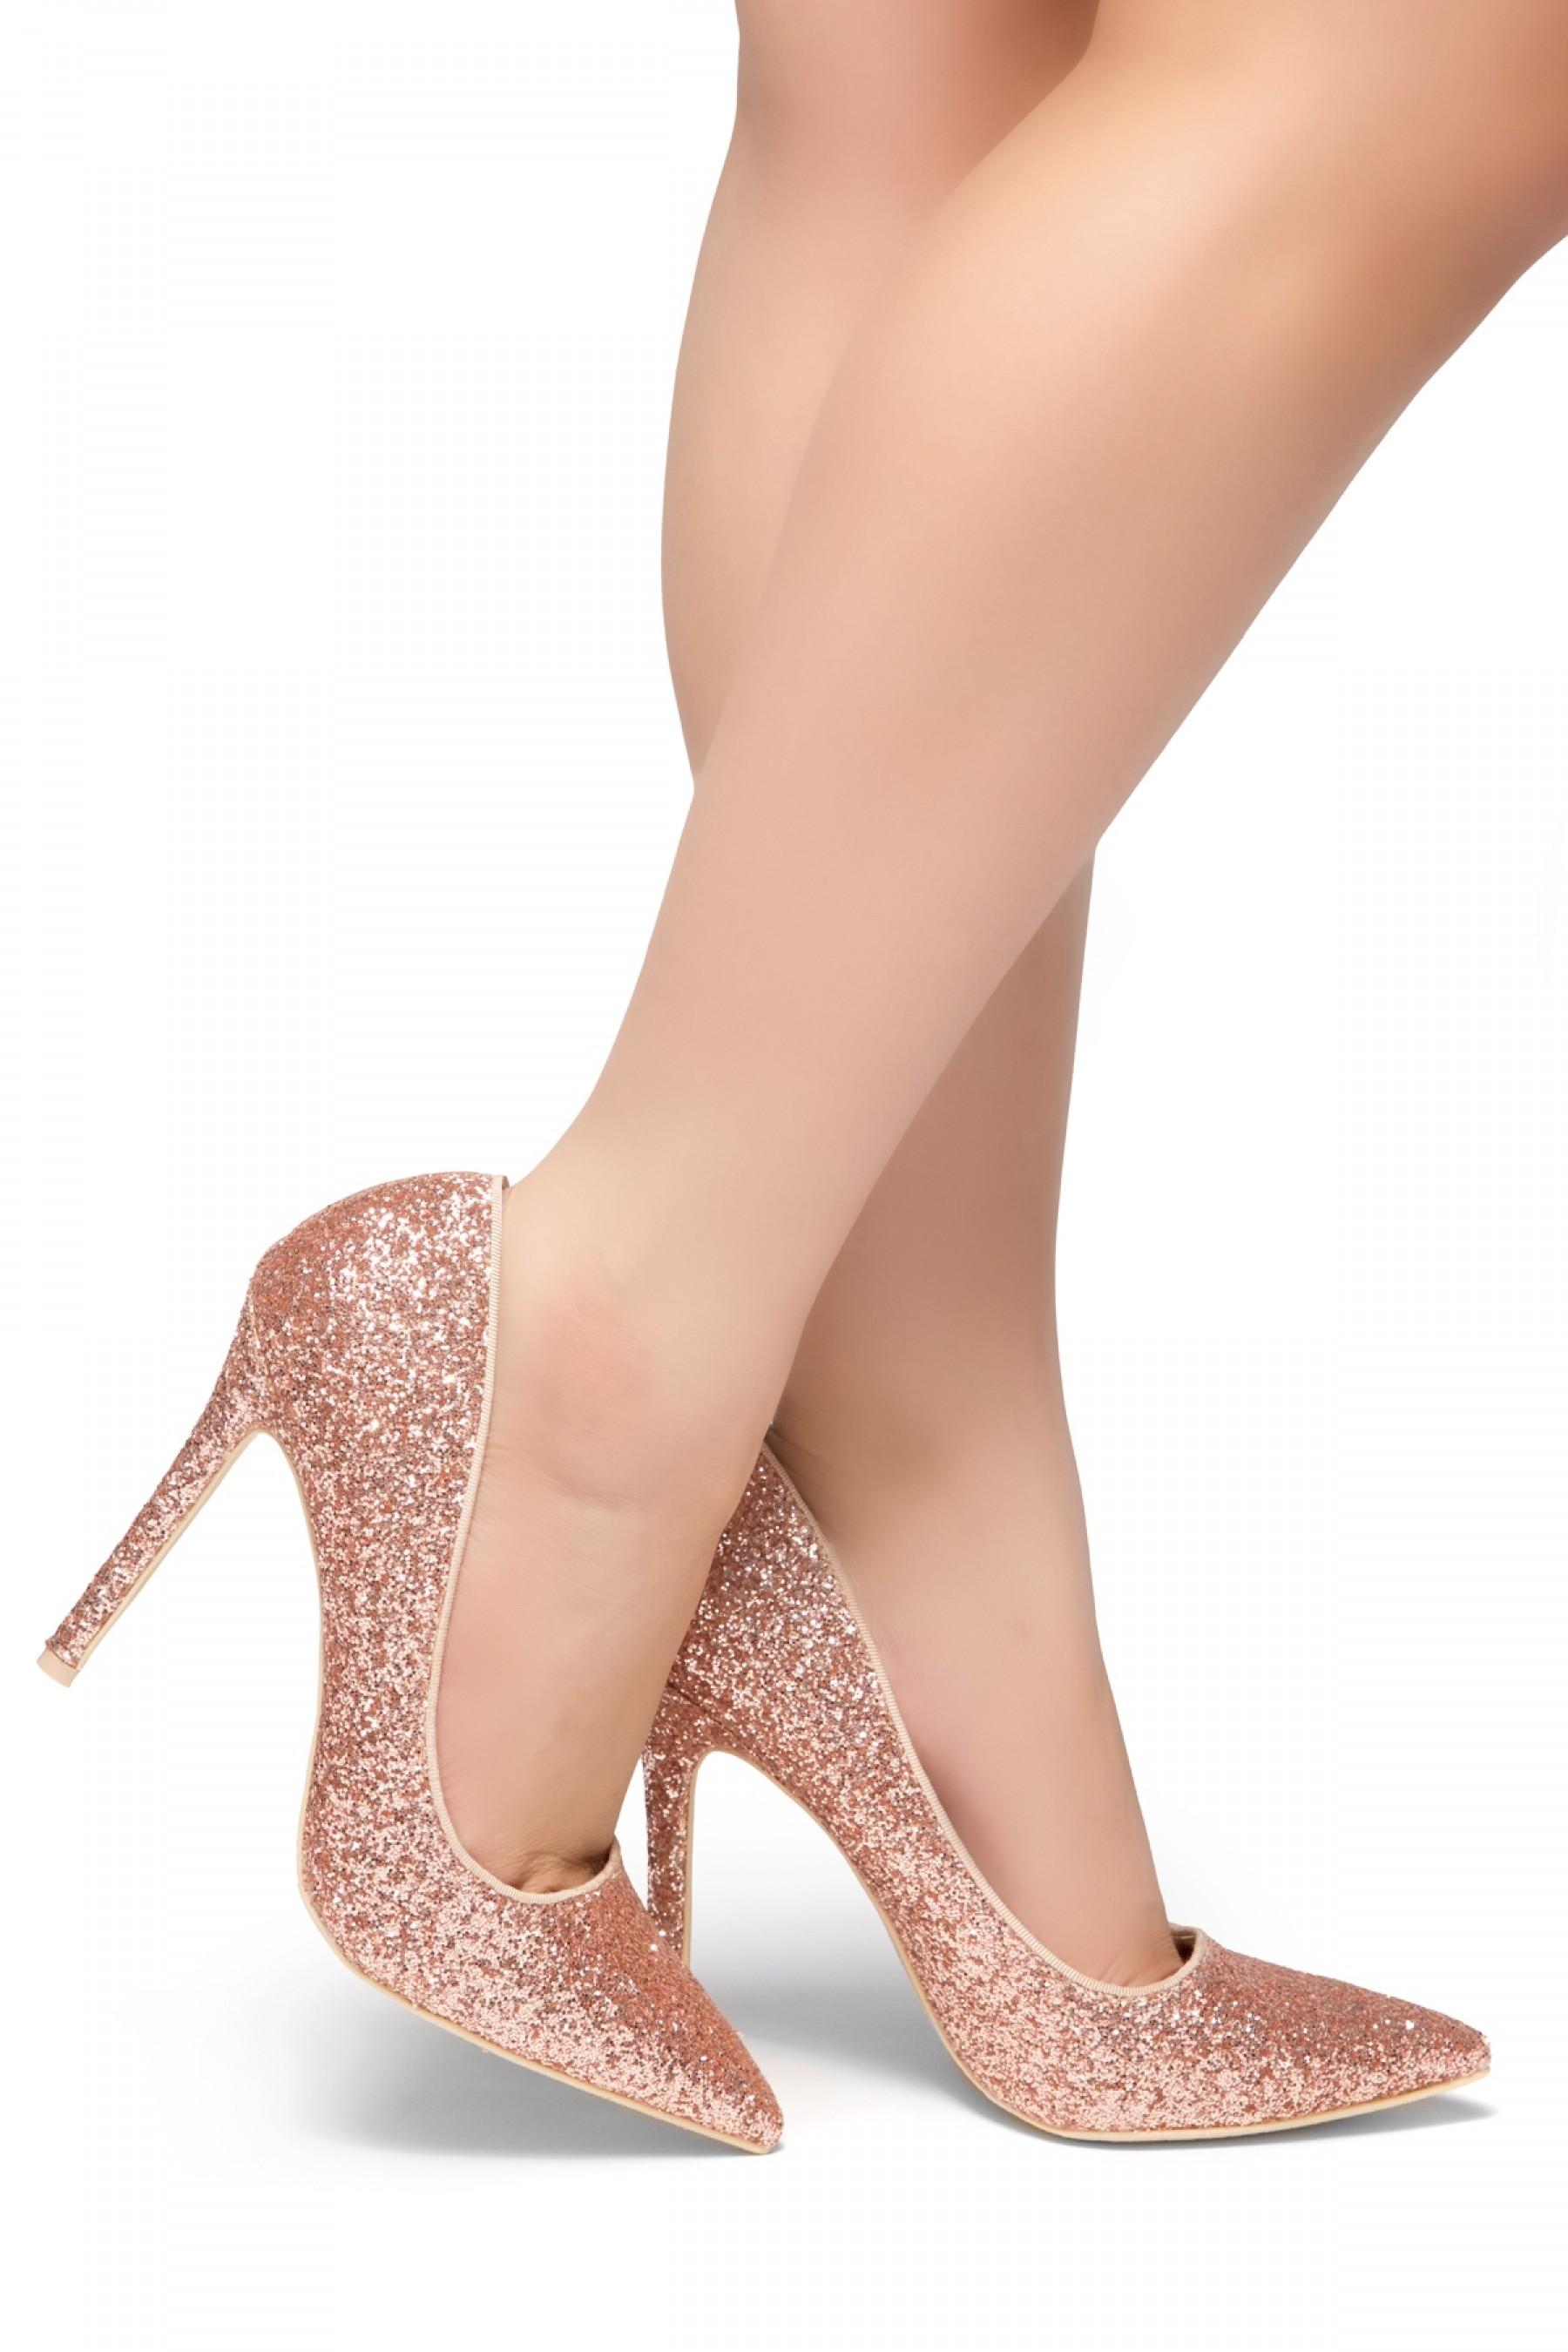 HerStyle Daisie- Glitter Details, Pointed Toe, Stiletto Heel (RoseGold Glitter)